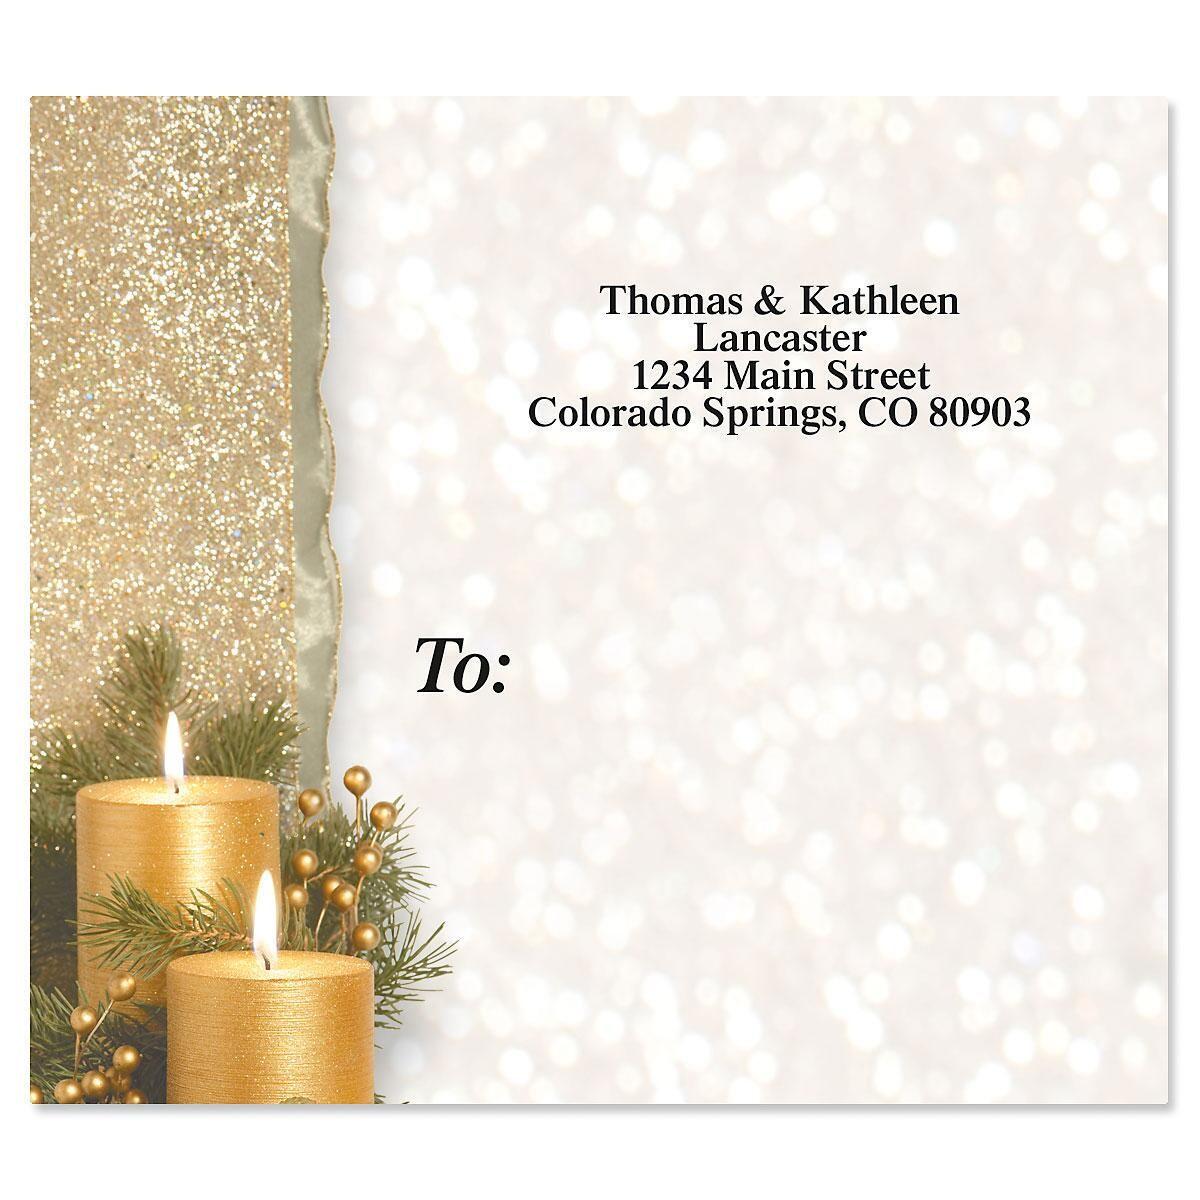 Golden Glimmer Package Labels